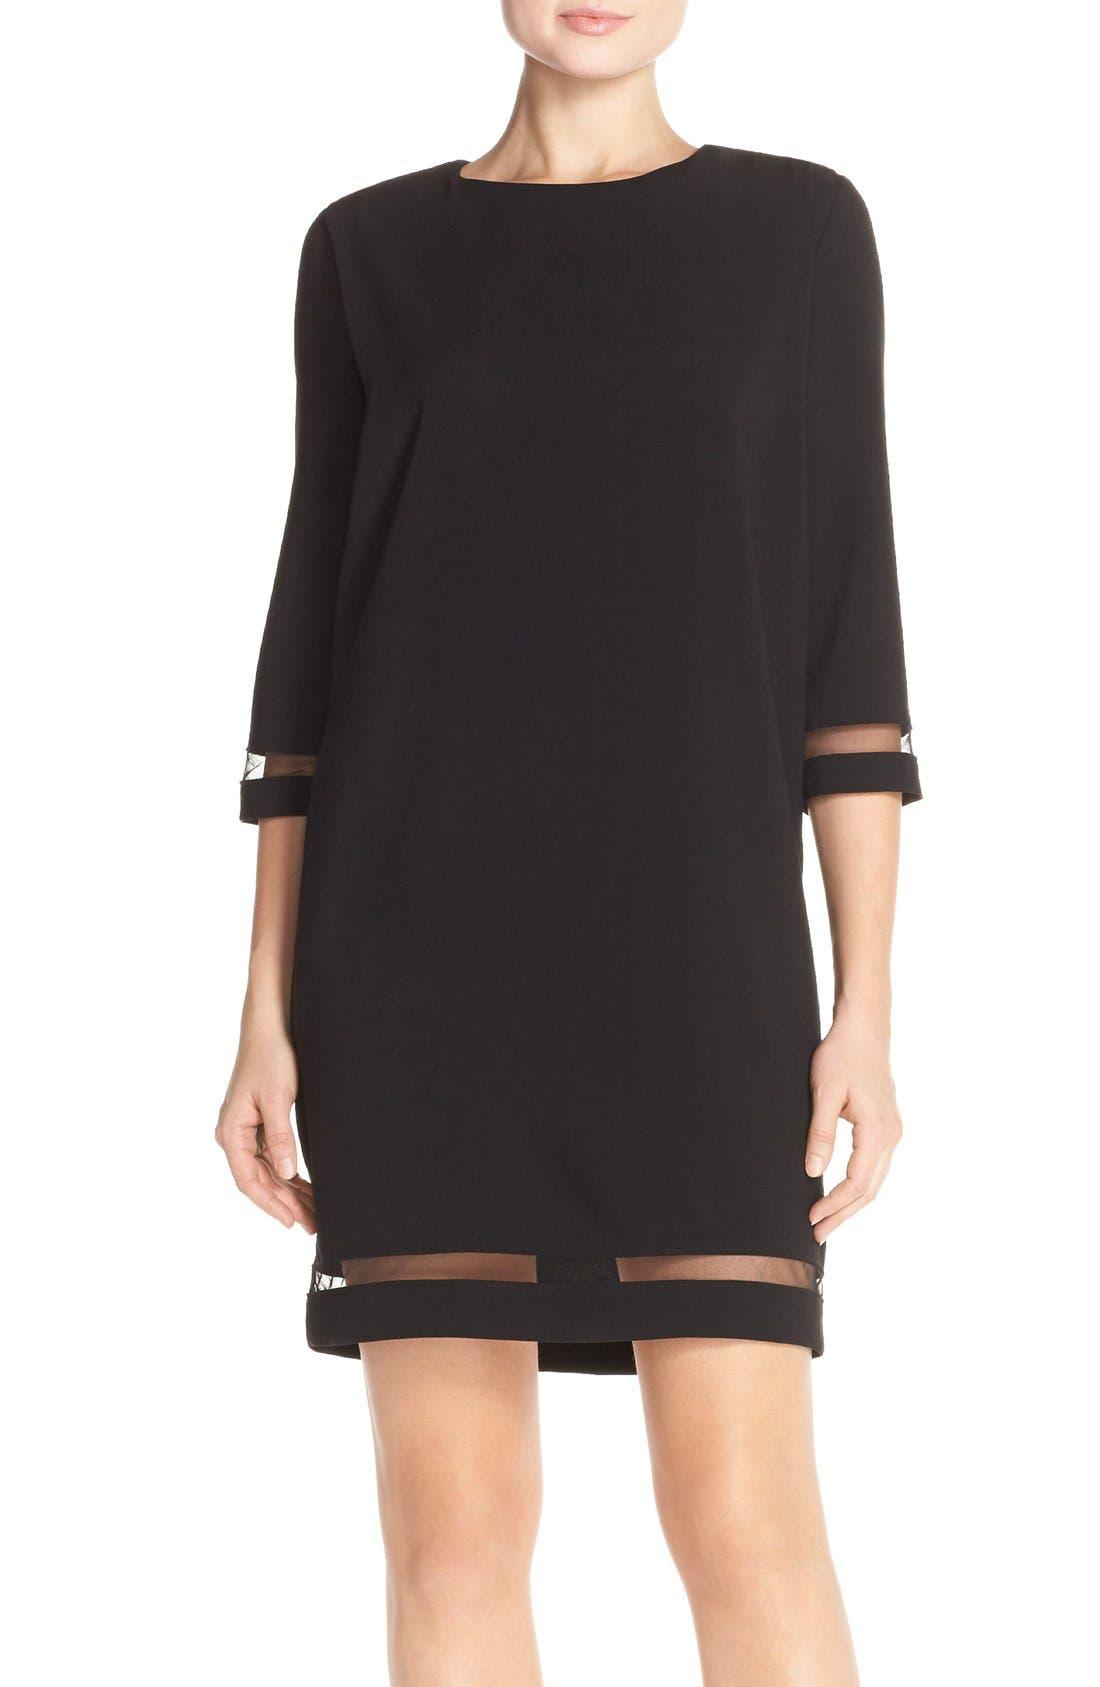 Alternate Image 1 Selected - Tahari Crepe Shift Dress with Mesh Trim (Regular & Petite)